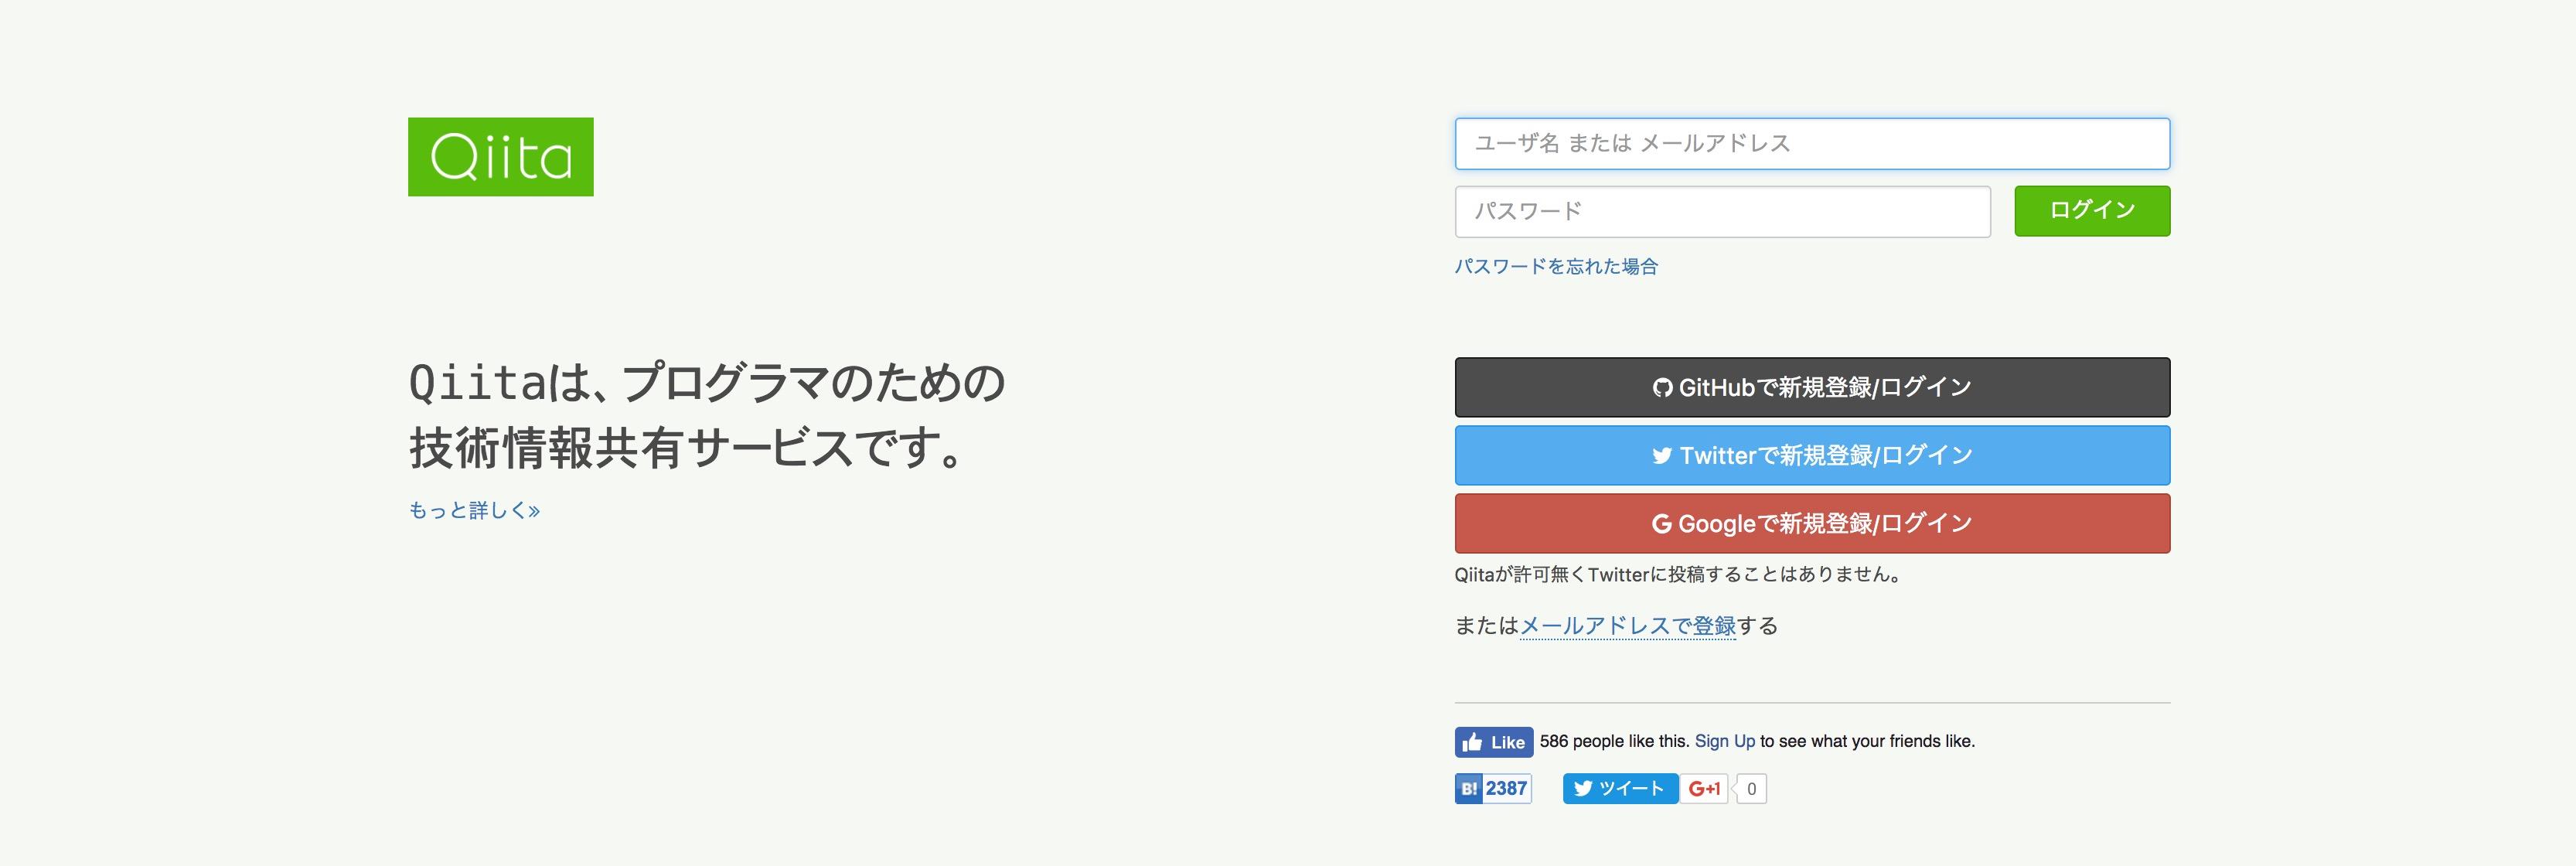 2017-01-13 16.57.44.JPG